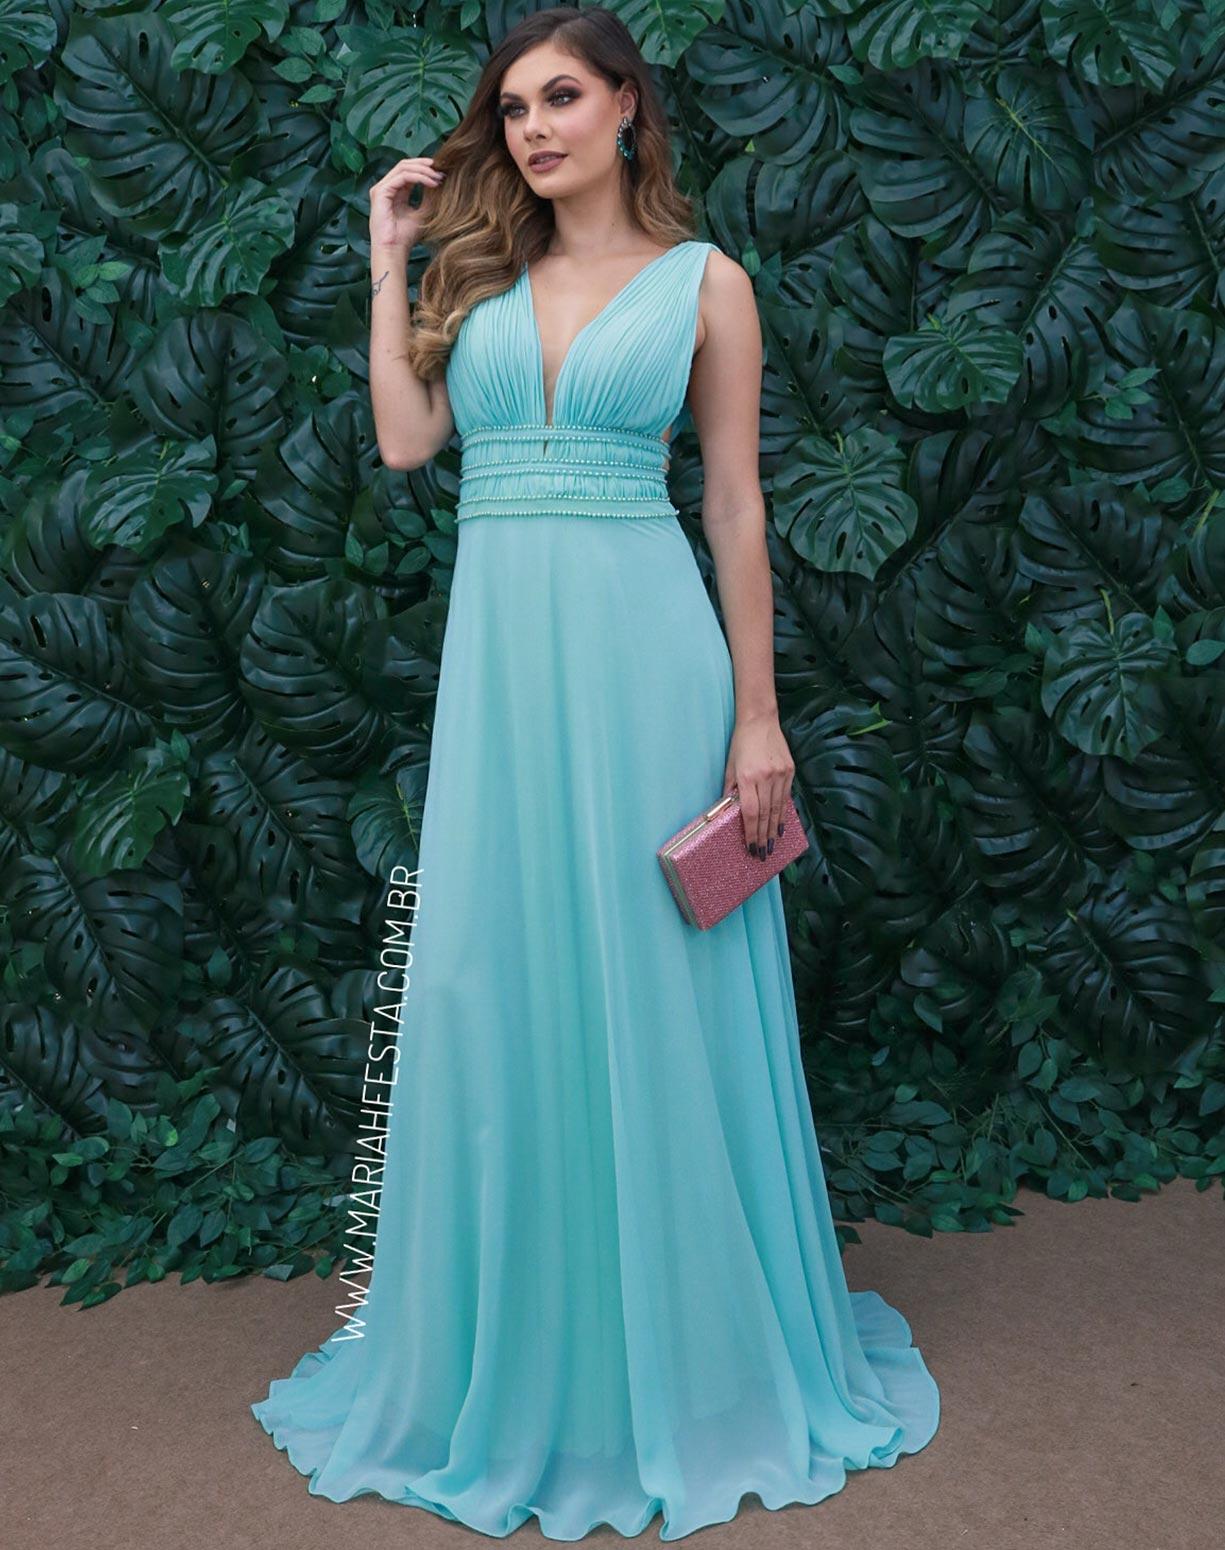 Vestido Tiffany com Bordados em Pérolas